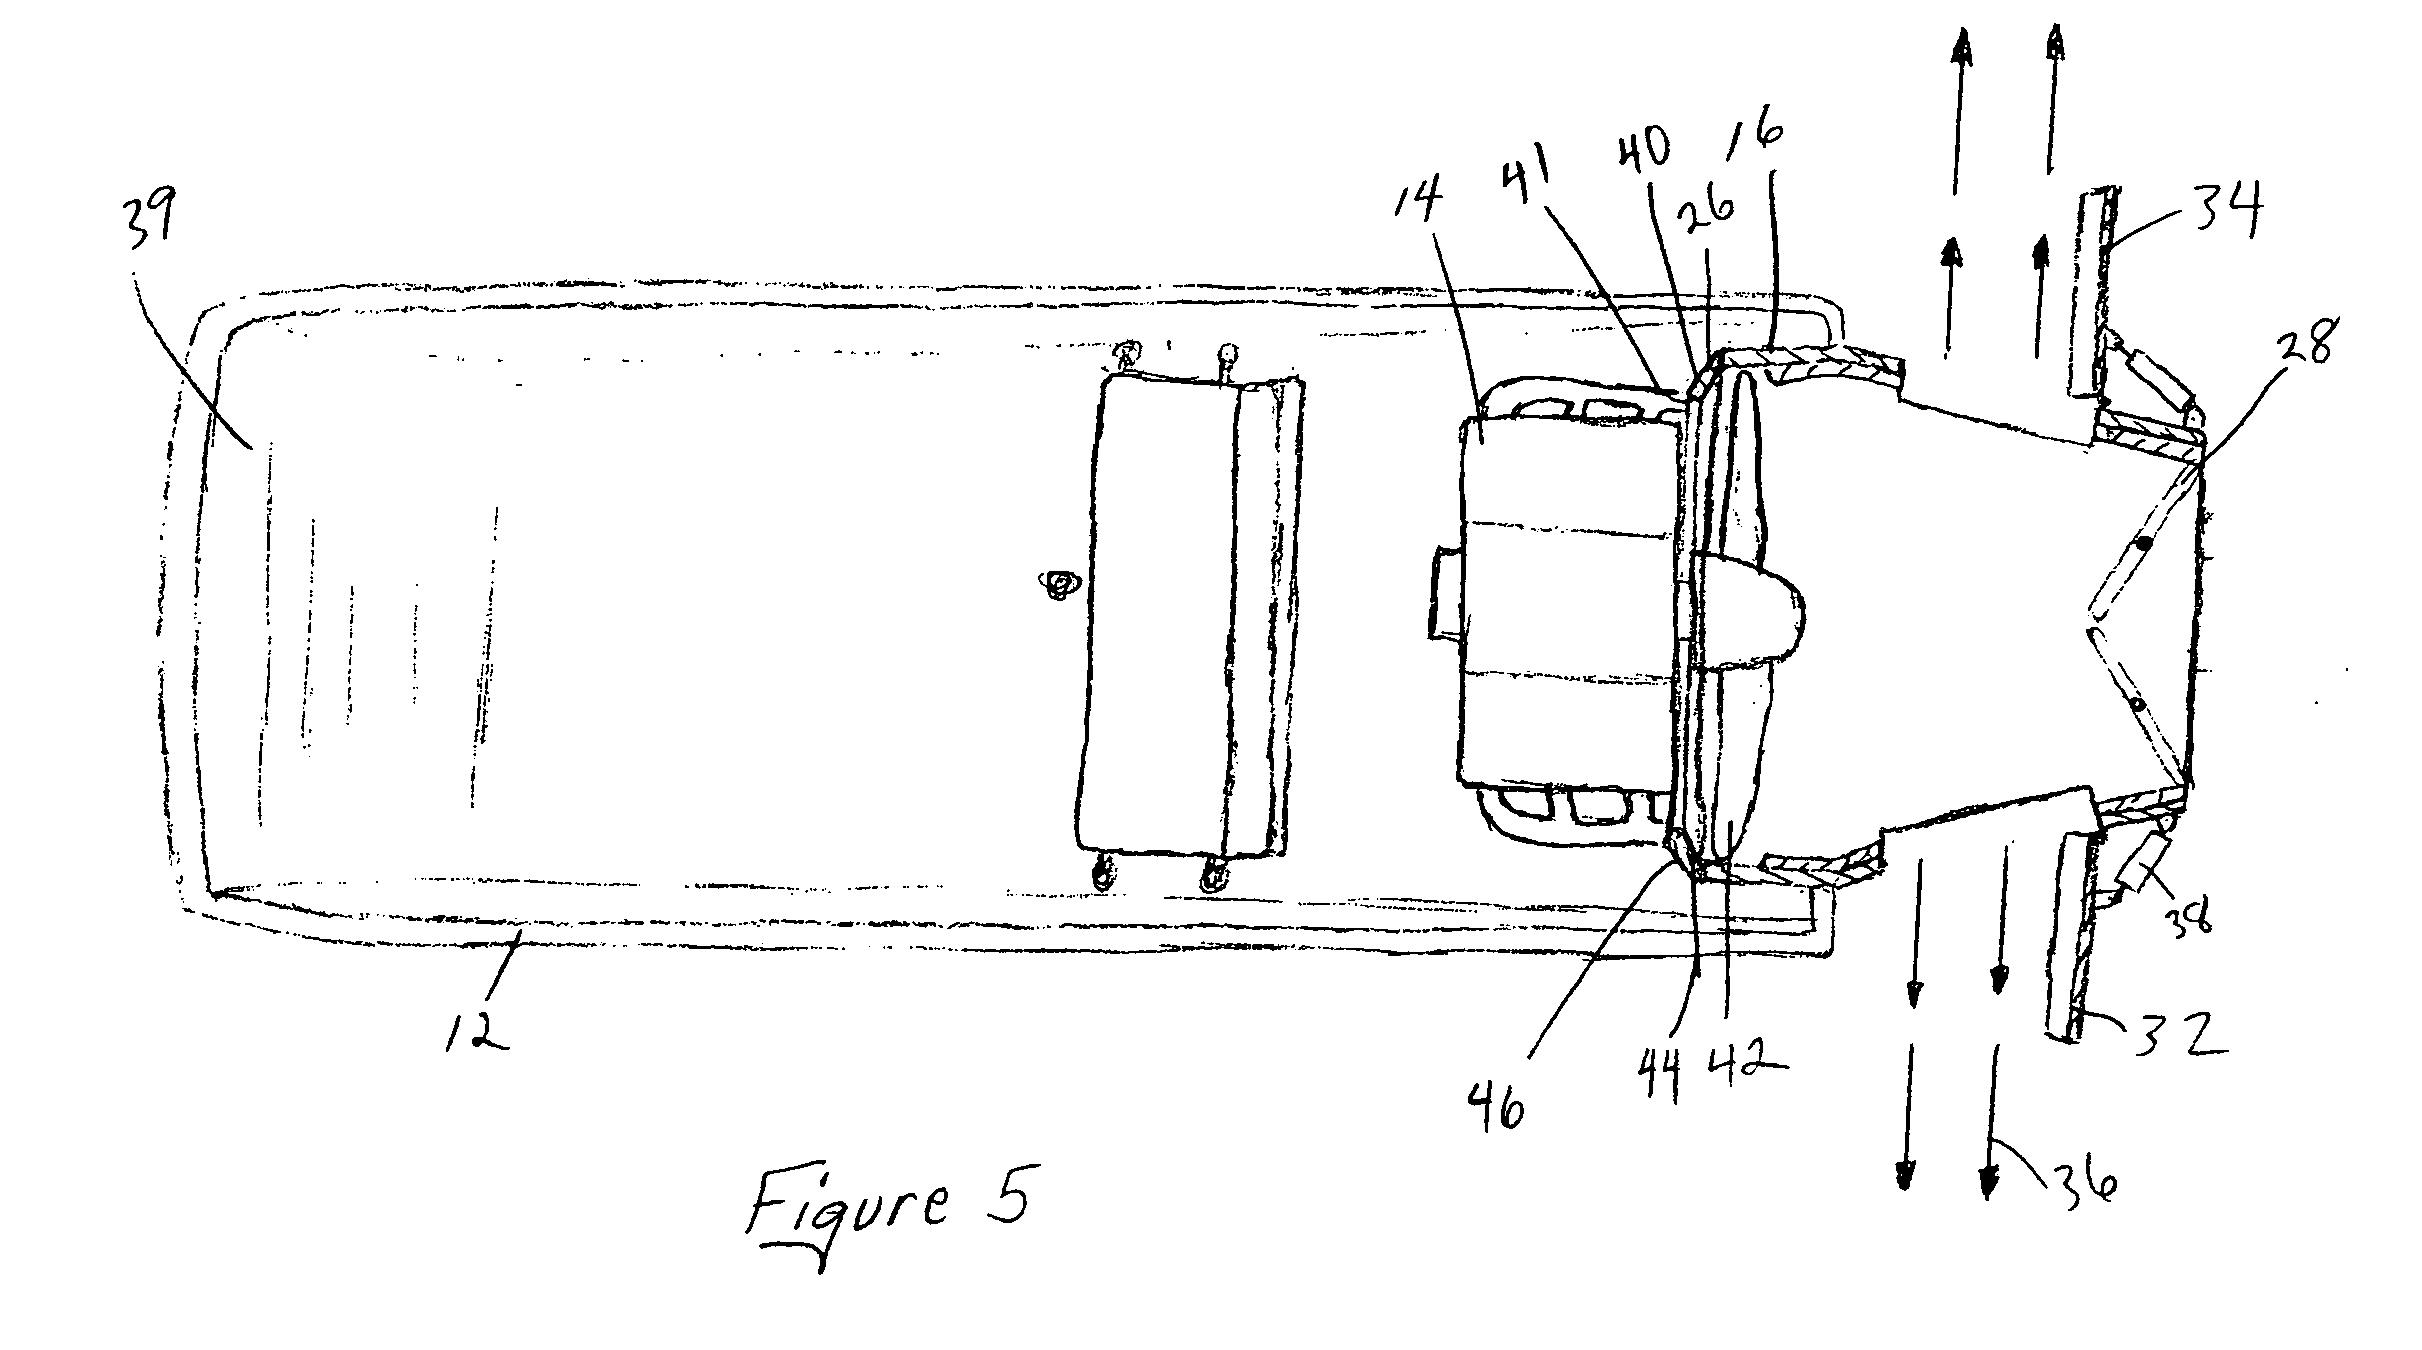 airboat wiring diagram audio engineering diagrams